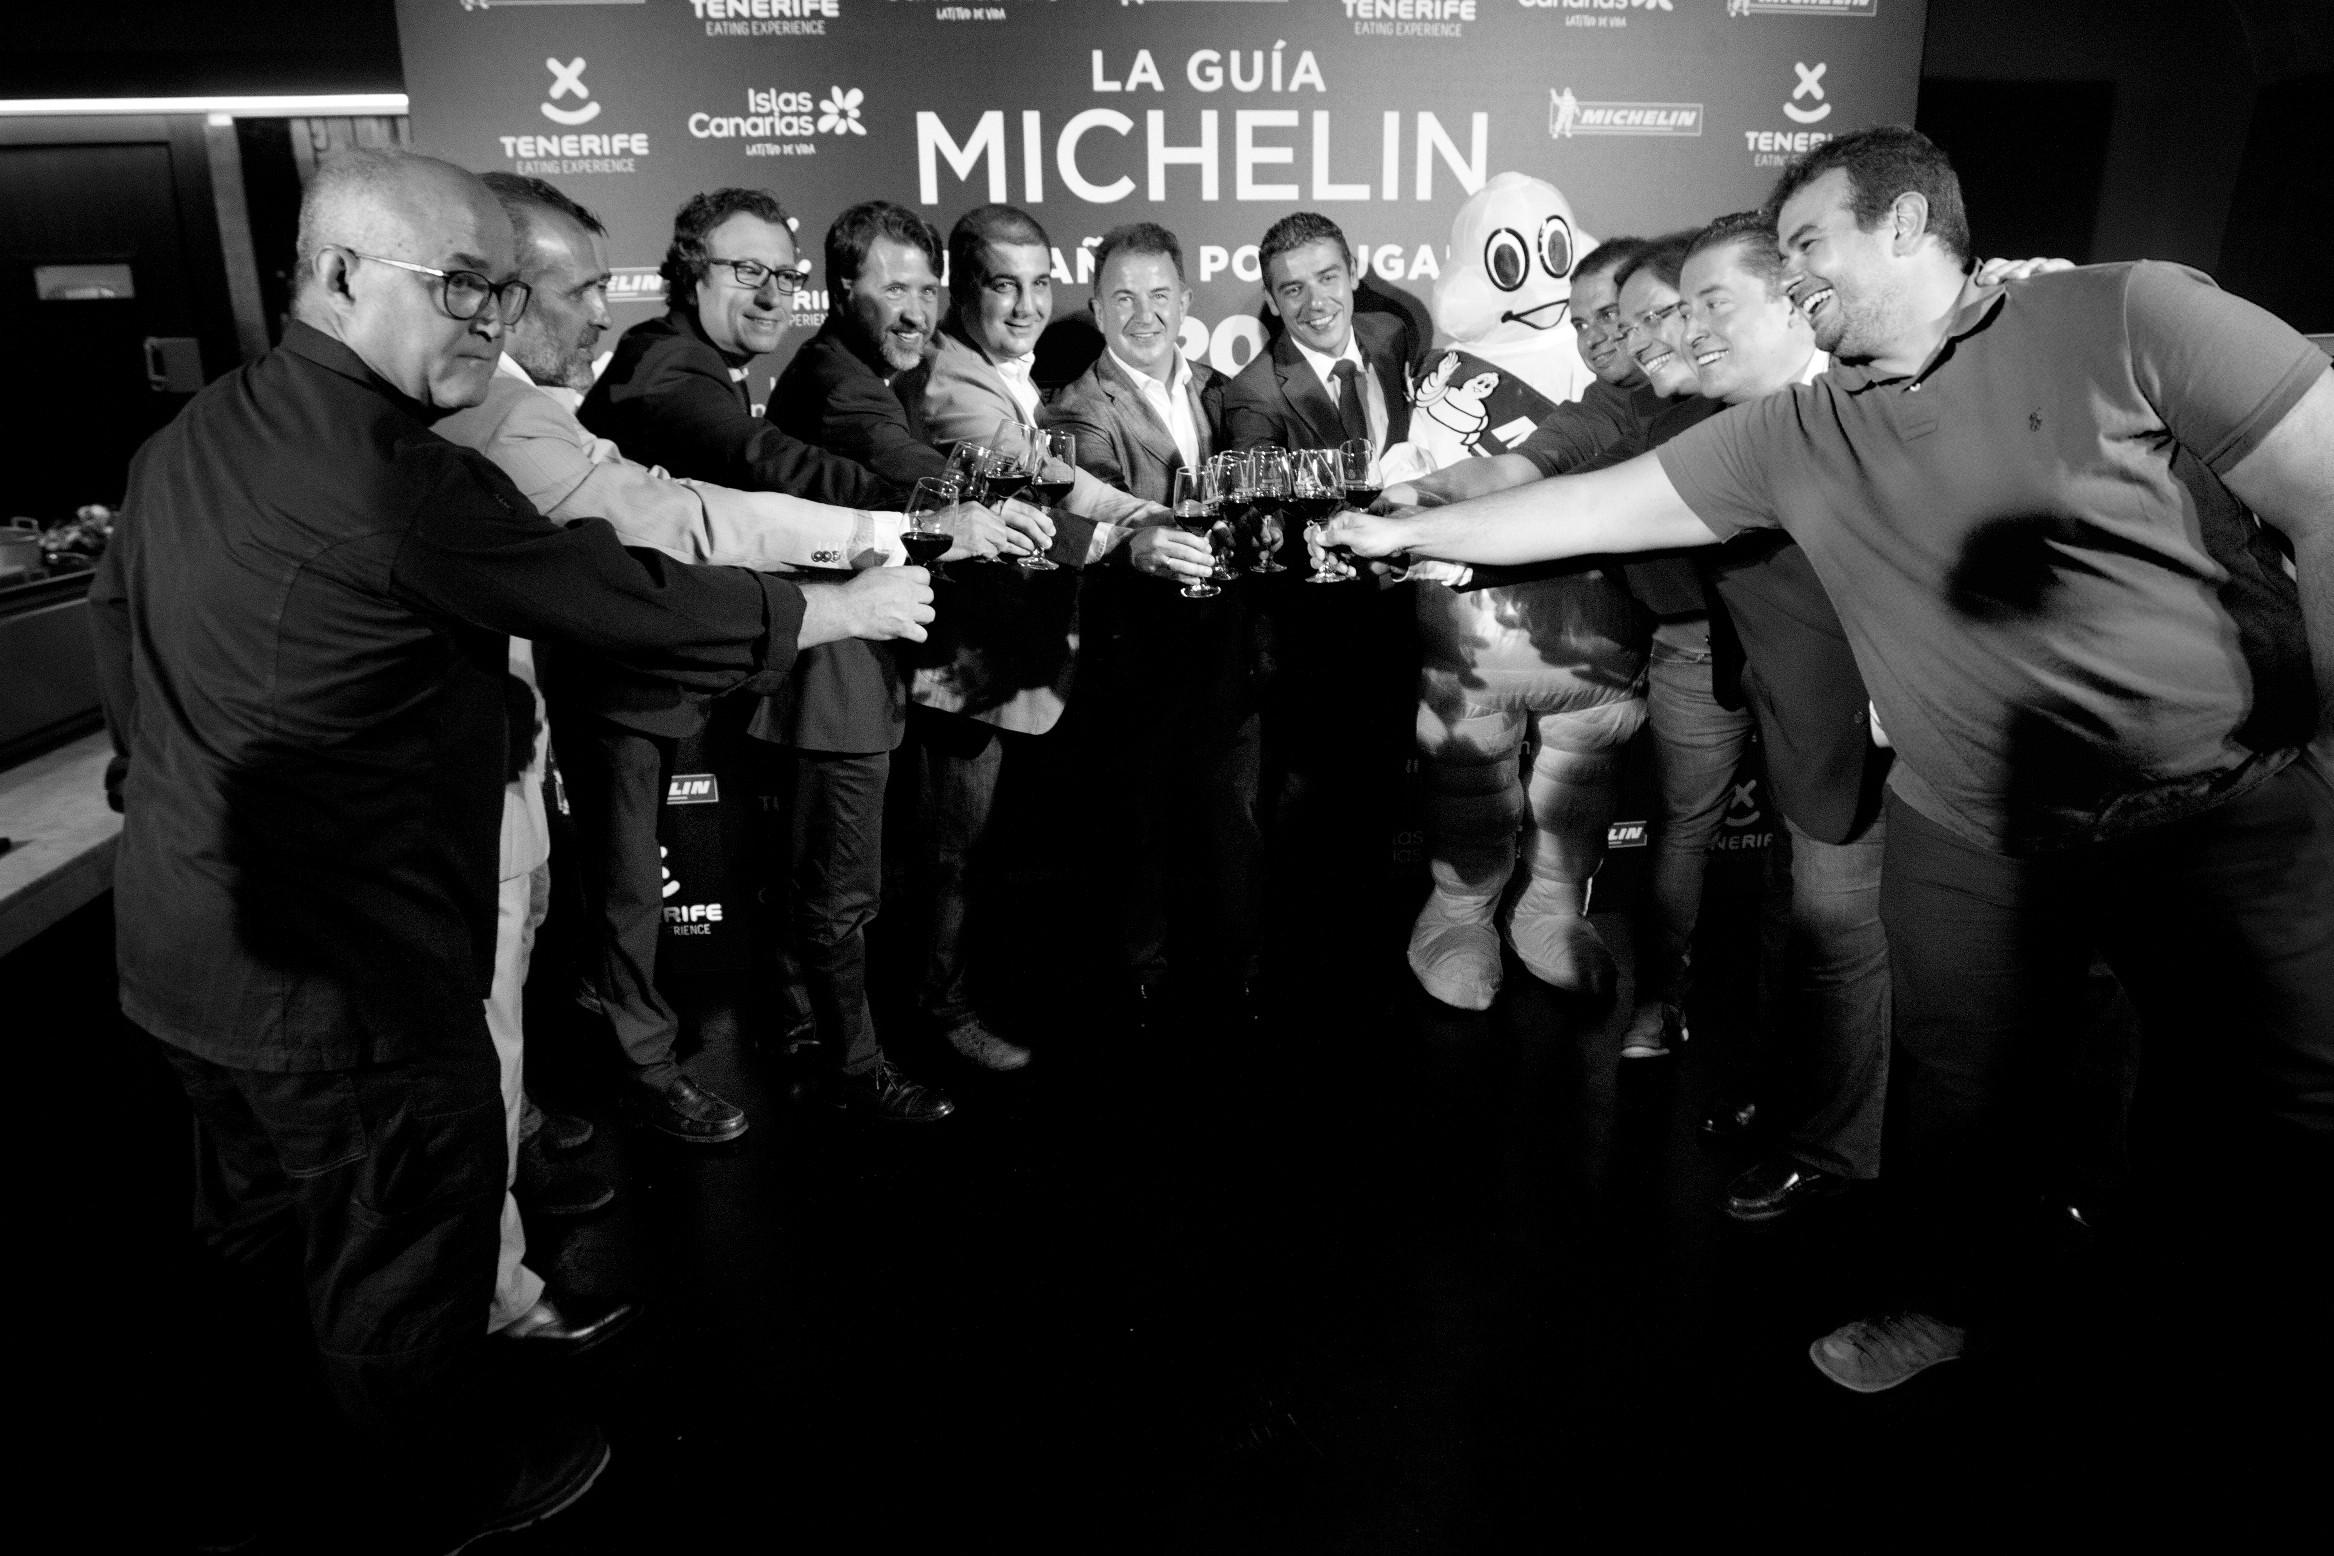 Michelín(1)(3)